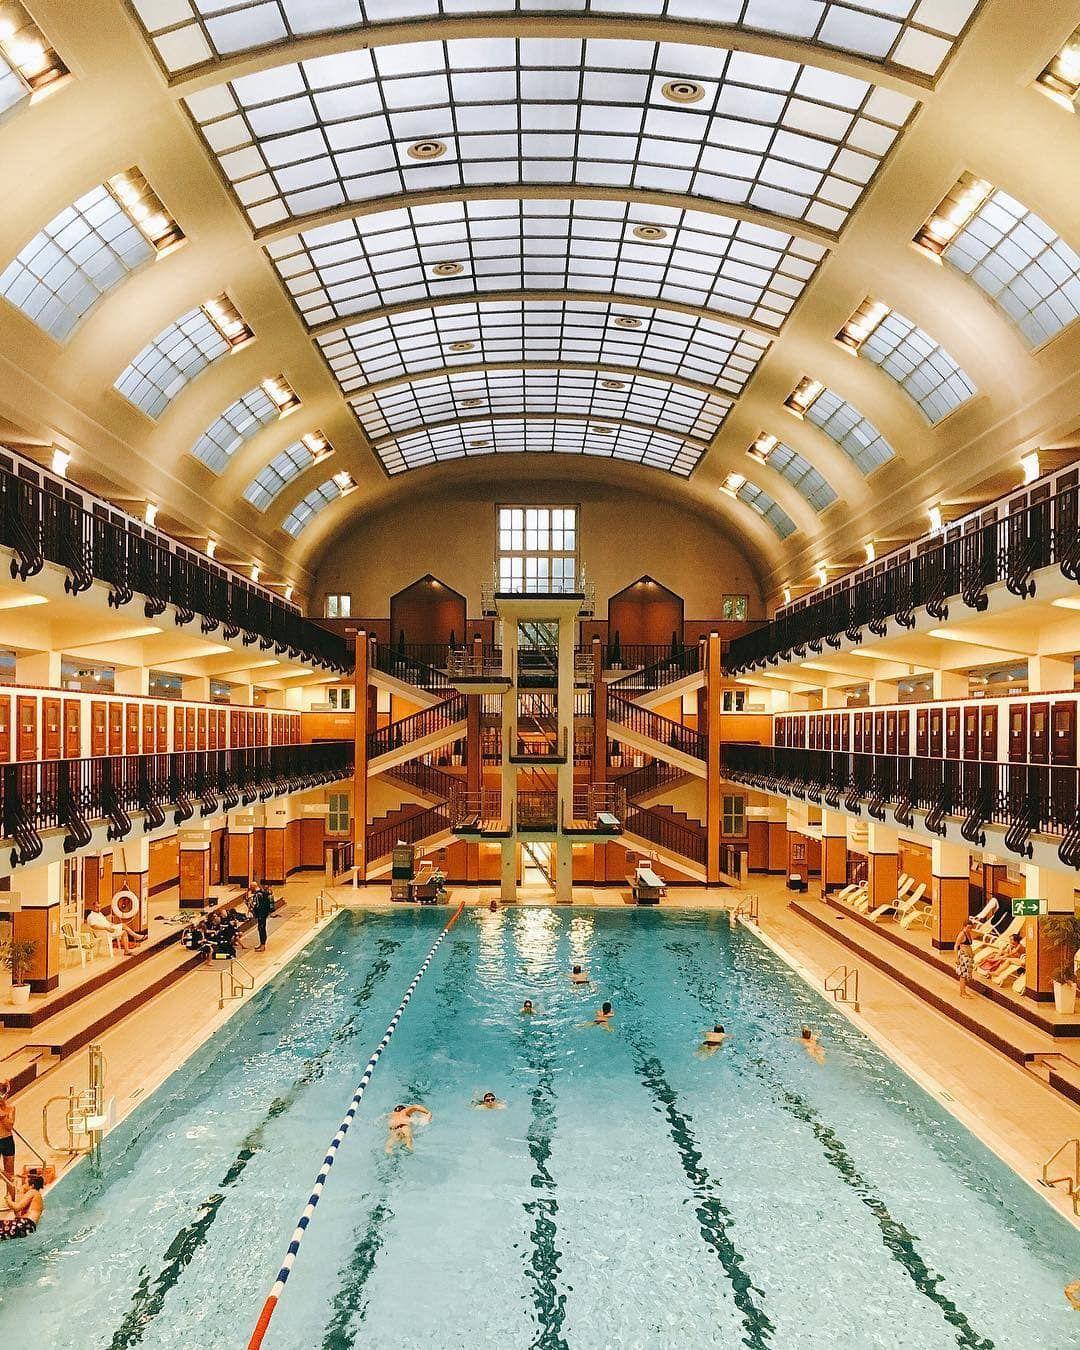 Abtauchen in Wiens schönsten Hallenbädern #travelbugs